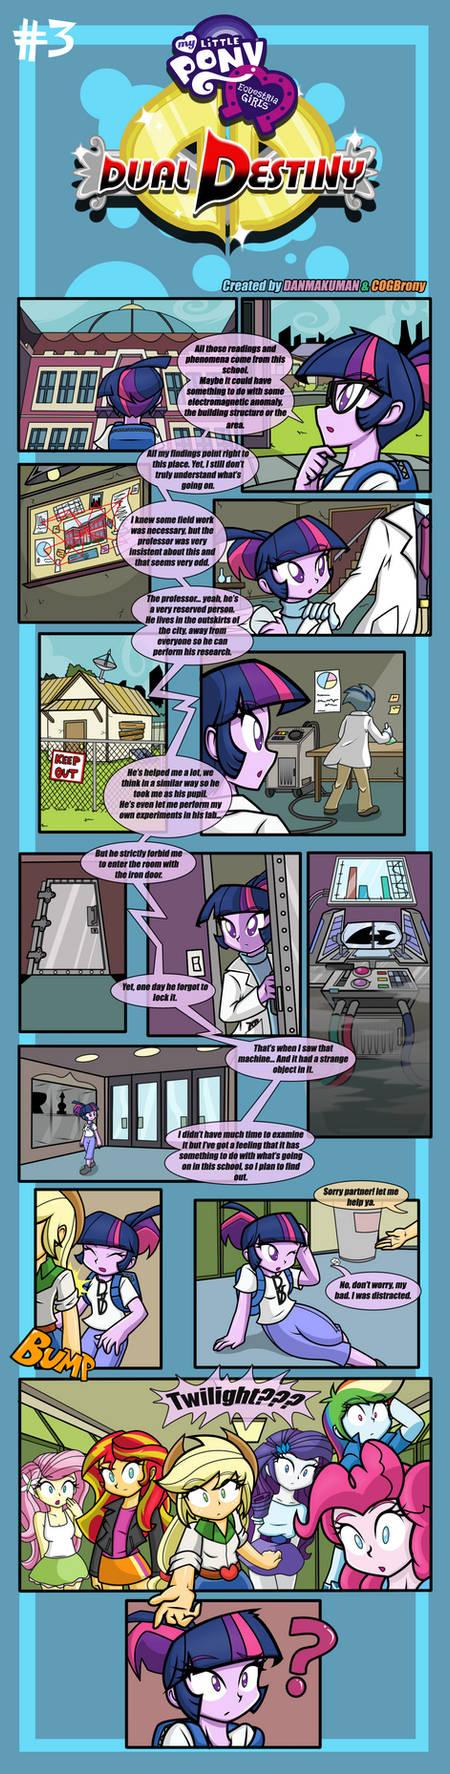 Equestria Girls: Dual Destiny Page #3